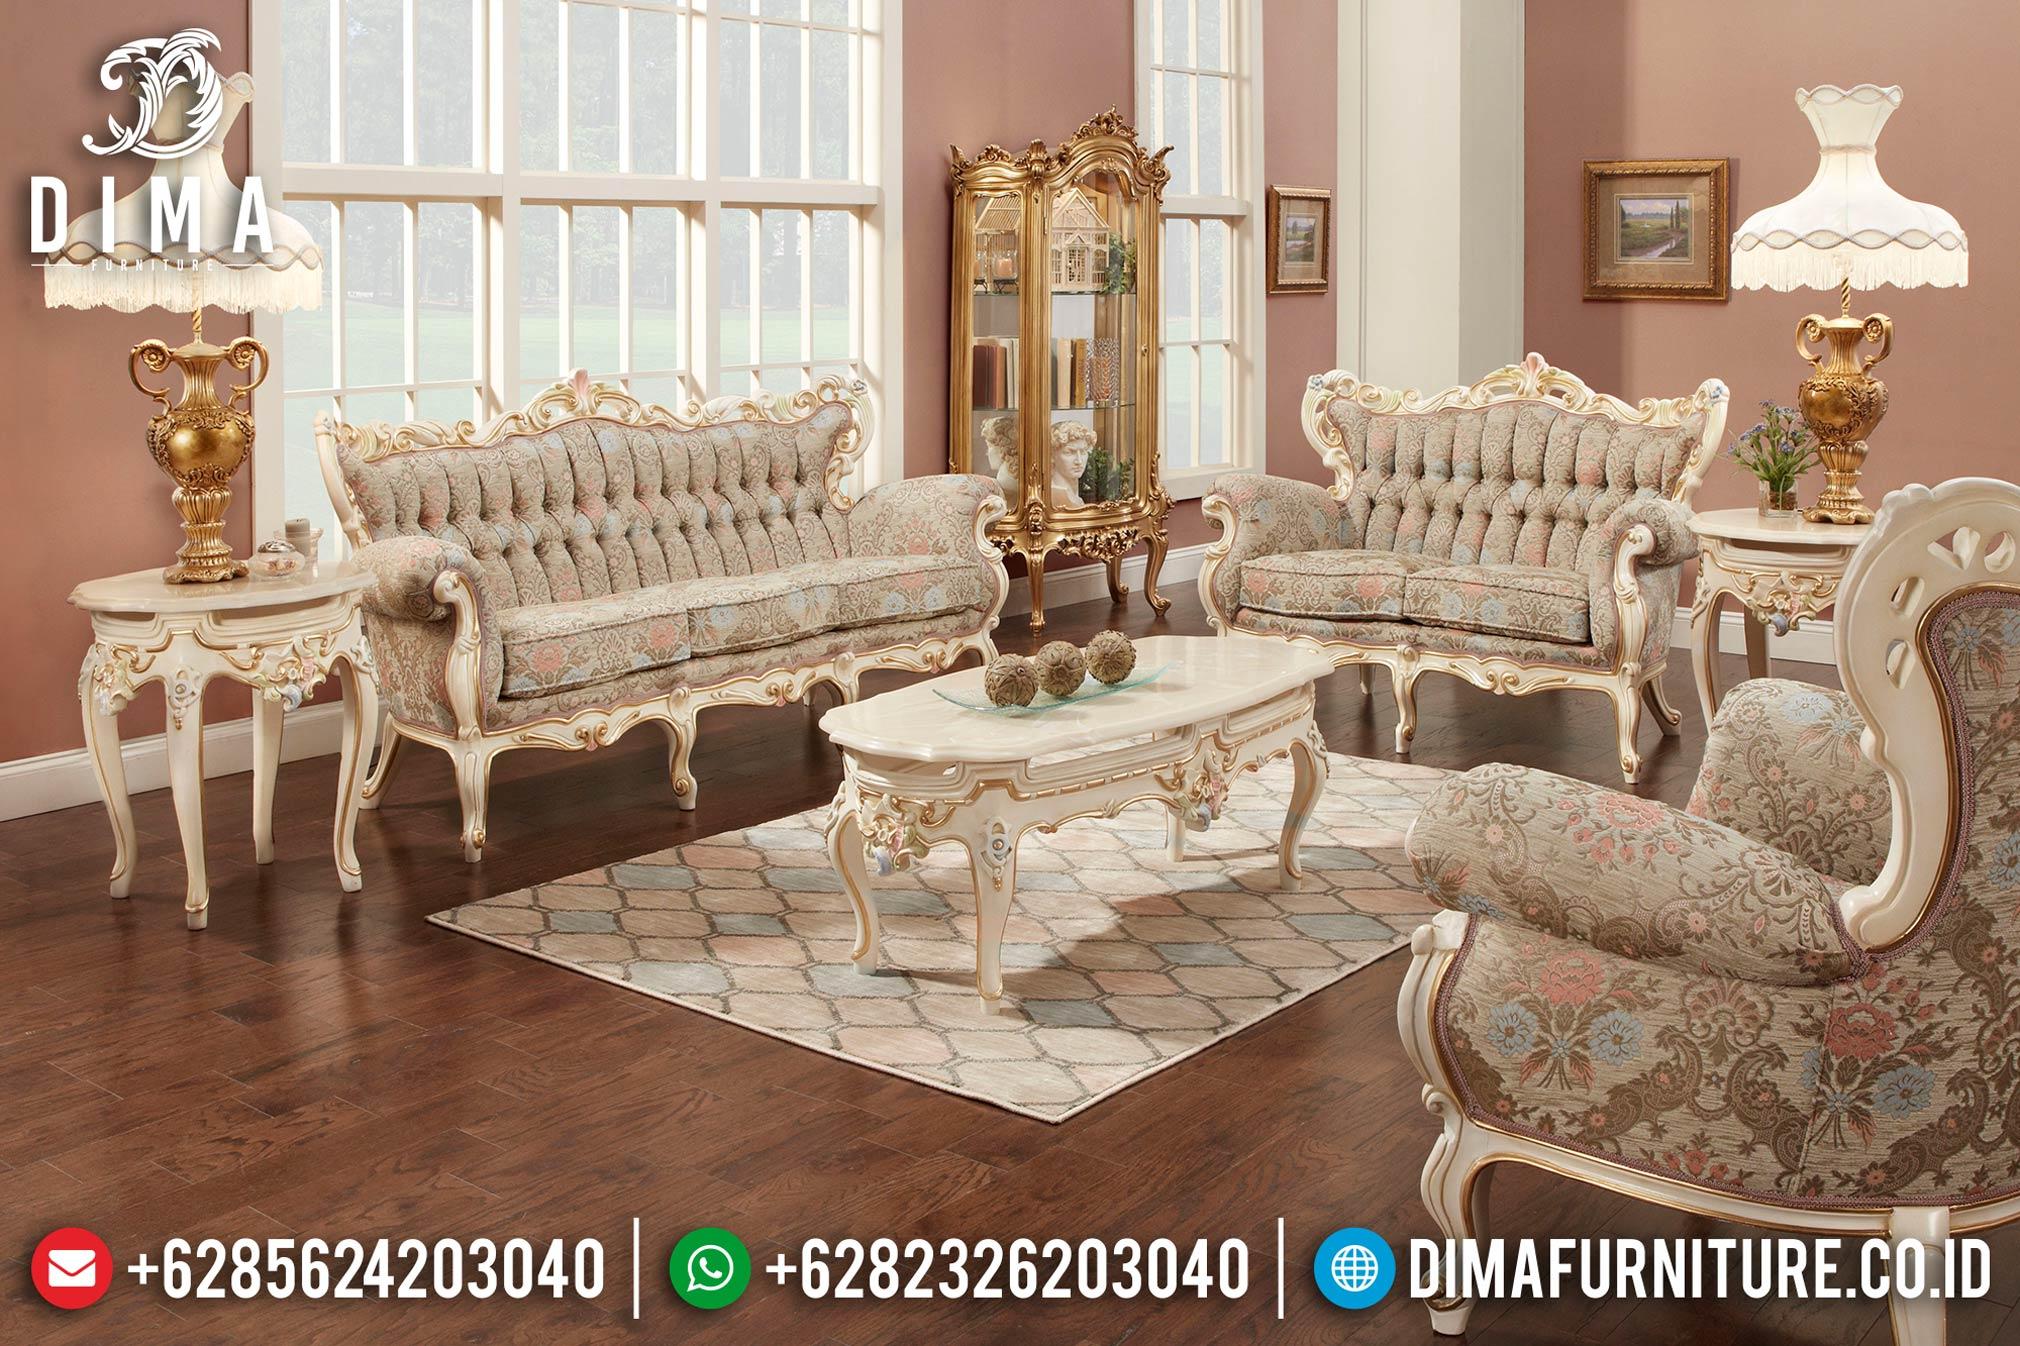 Mebel Ukir Jepara Set Kursi Sofa Ruang Tamu Mewah Terbaru MM-0134